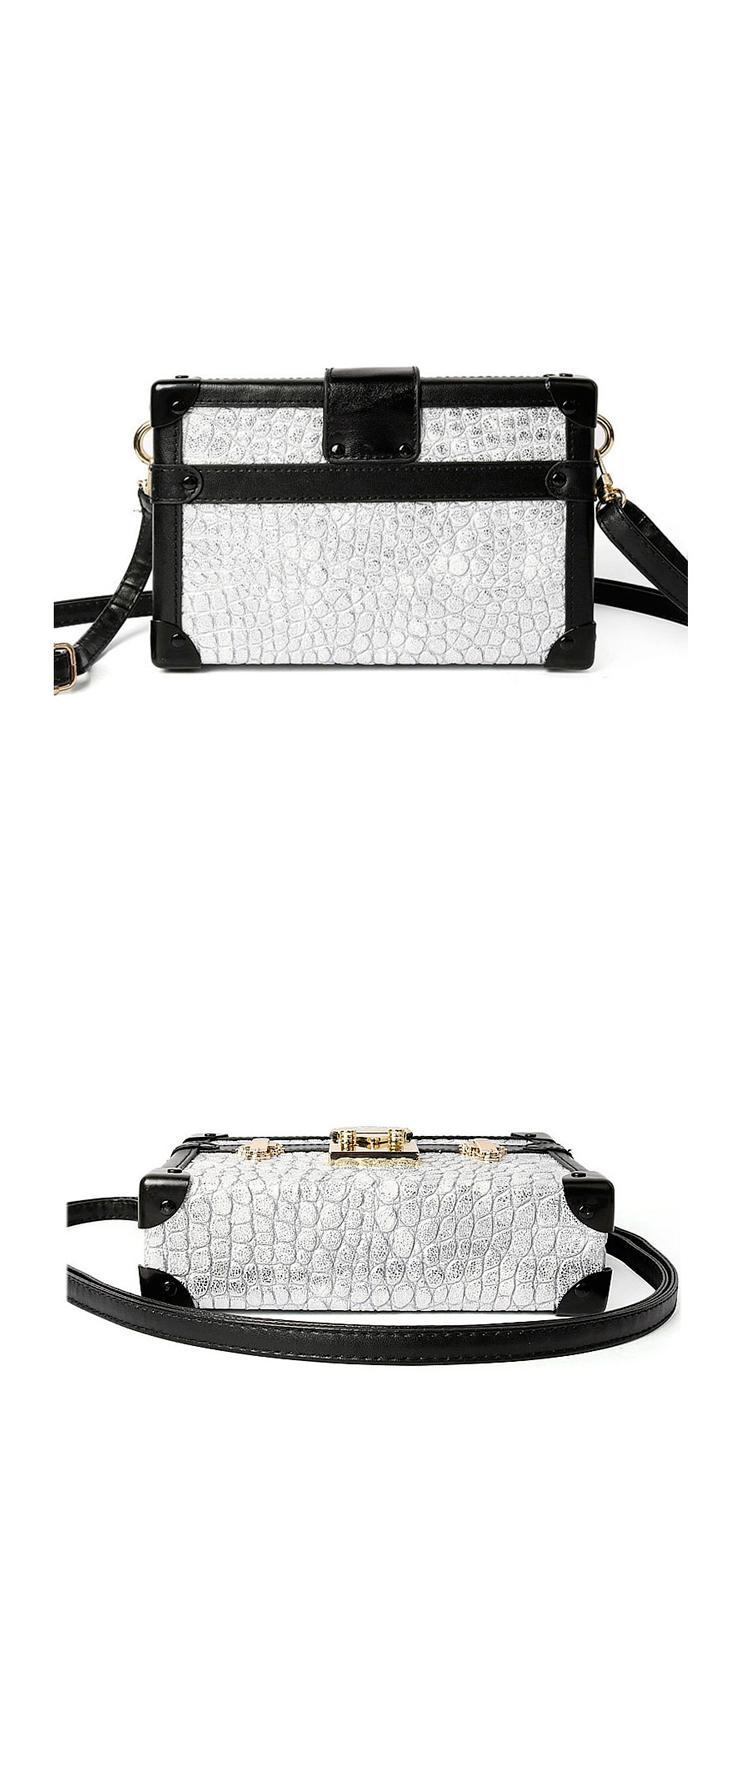 9d37ad2af2 Promotional Custom Vintage PU Leather Shoulder Messenger Bag for Women